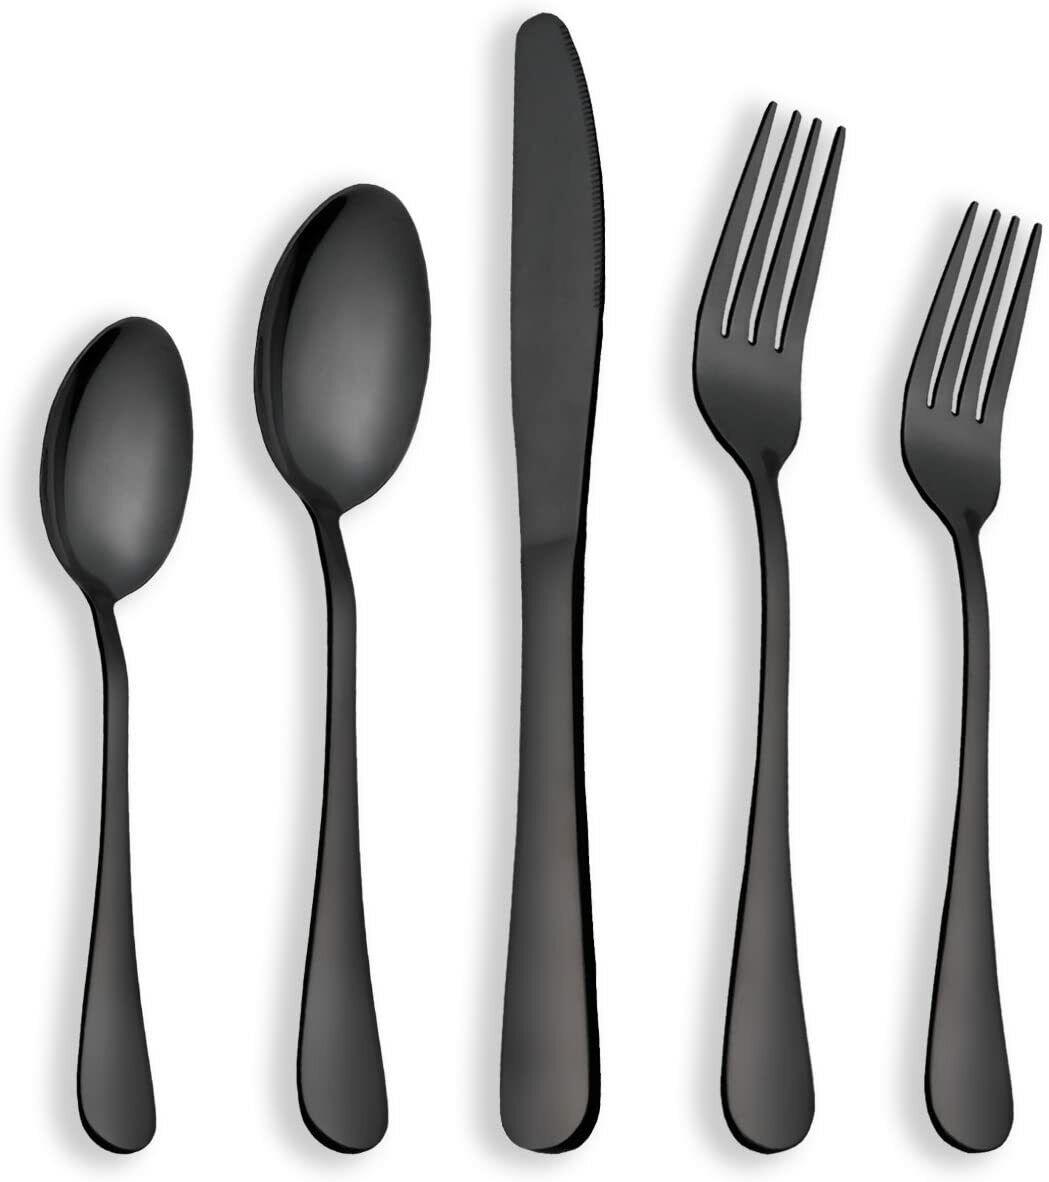 30 x Posate in acciaio inox Nero lucido, Set per servizio da 6, Con cucchiaino